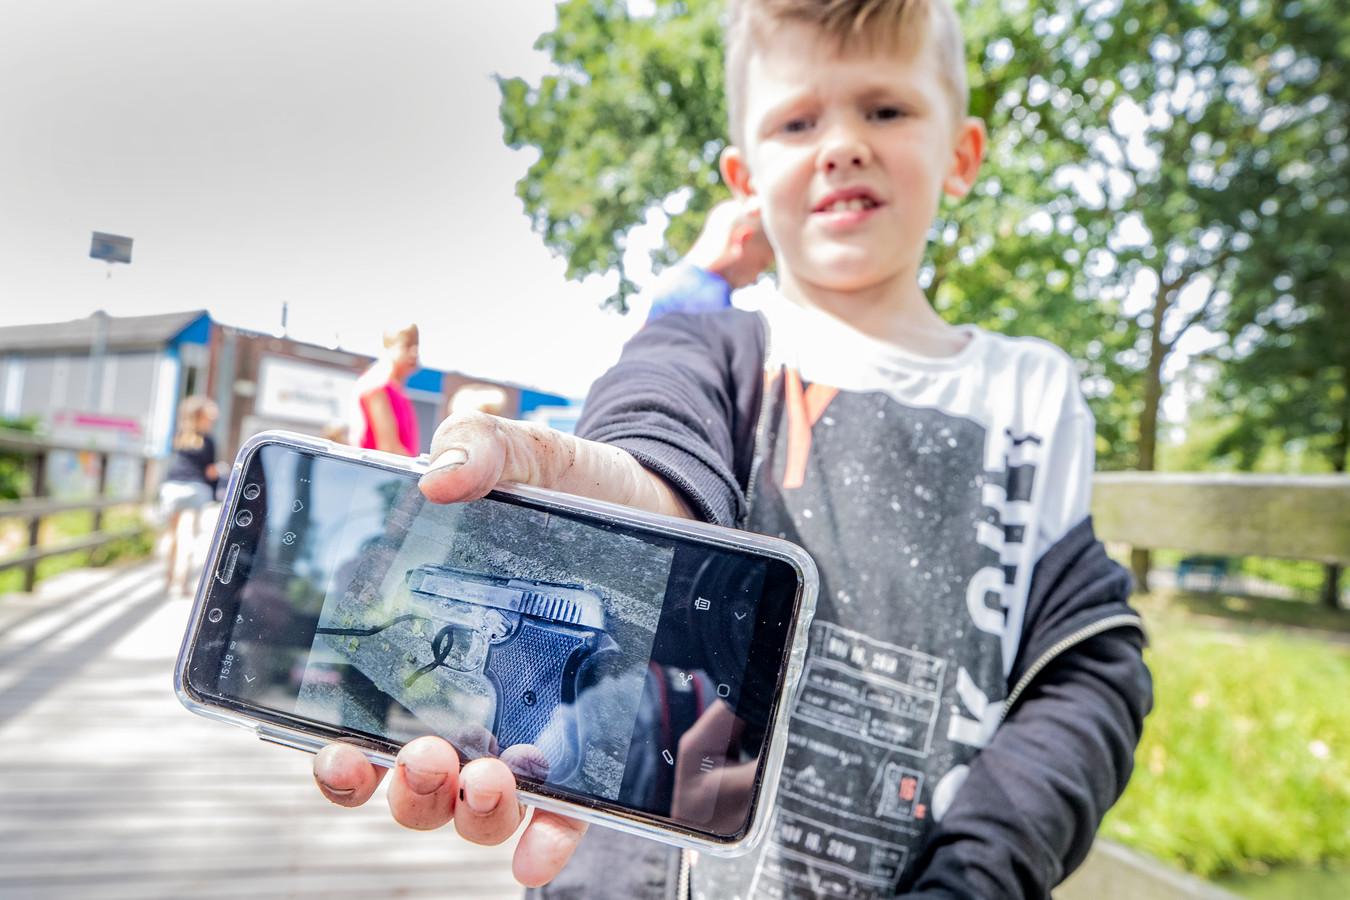 Puck (7) vond in Deventer een doorgeladen pistool met magneetvissen.